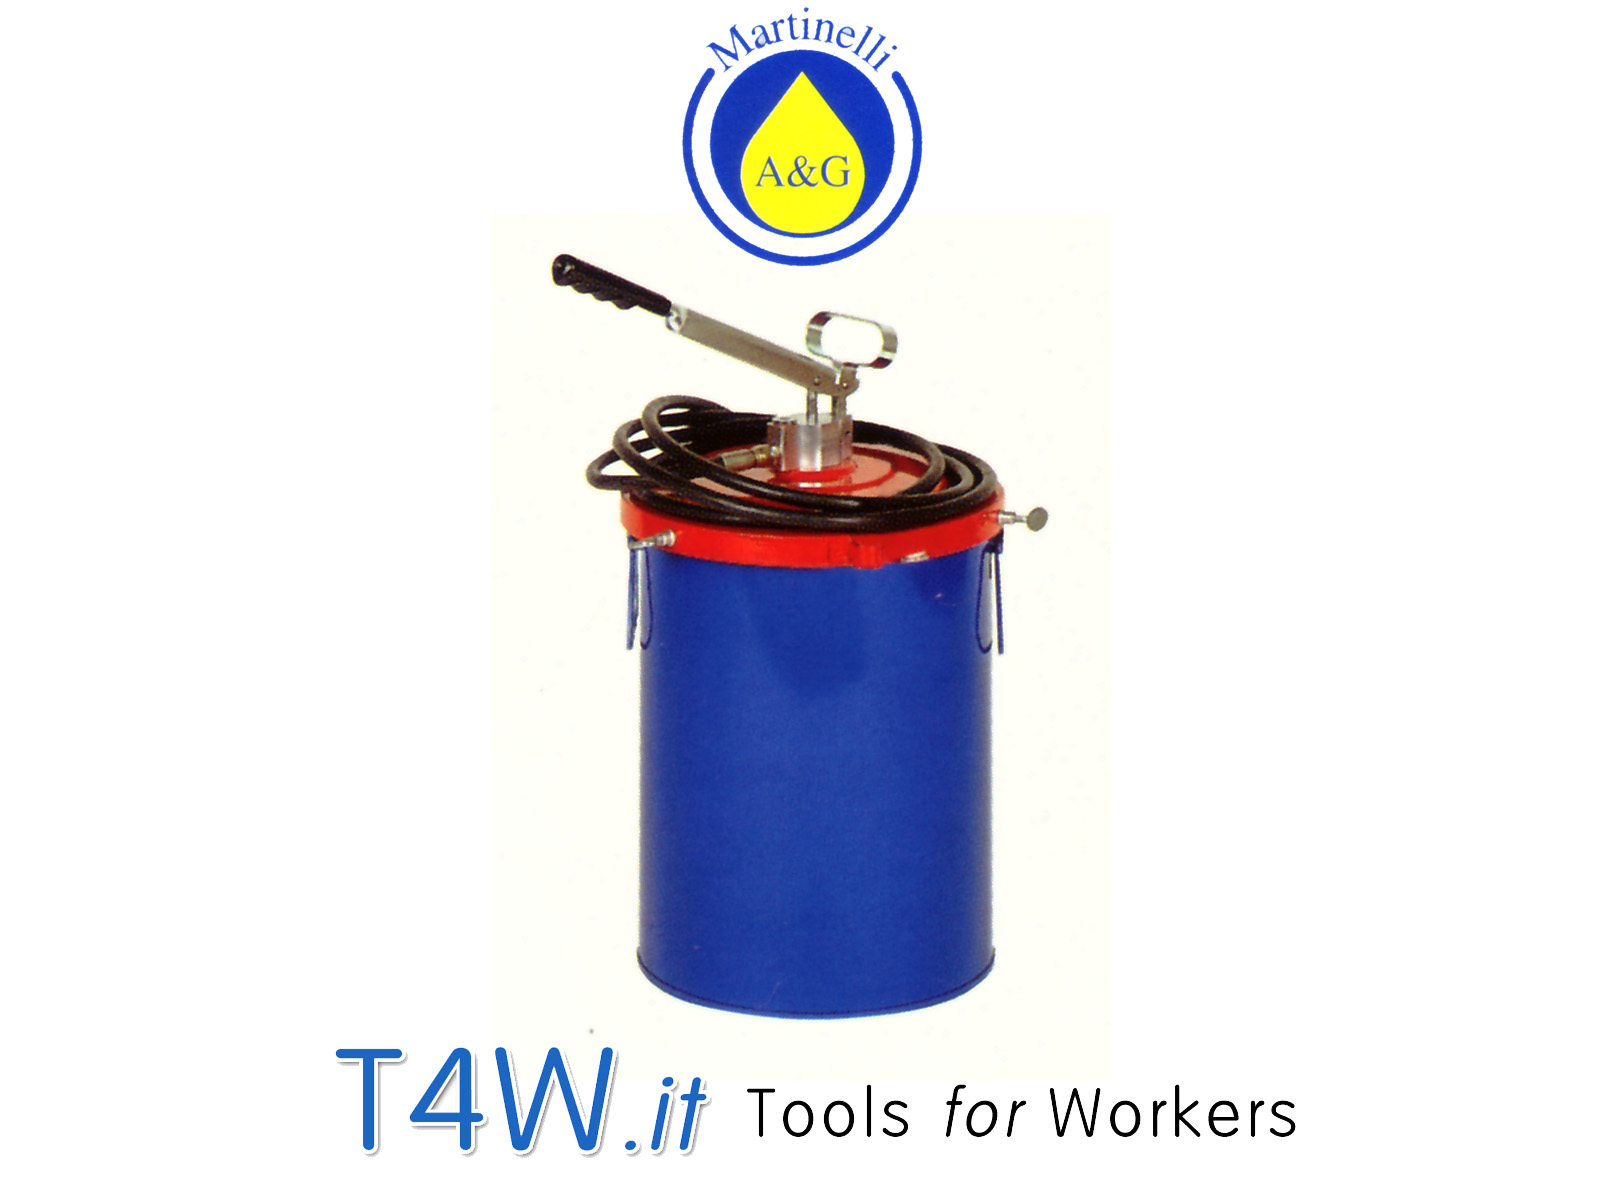 Kit pompa ingrassaggio per fusti ad alta pressione Art. 977 Martinelli -